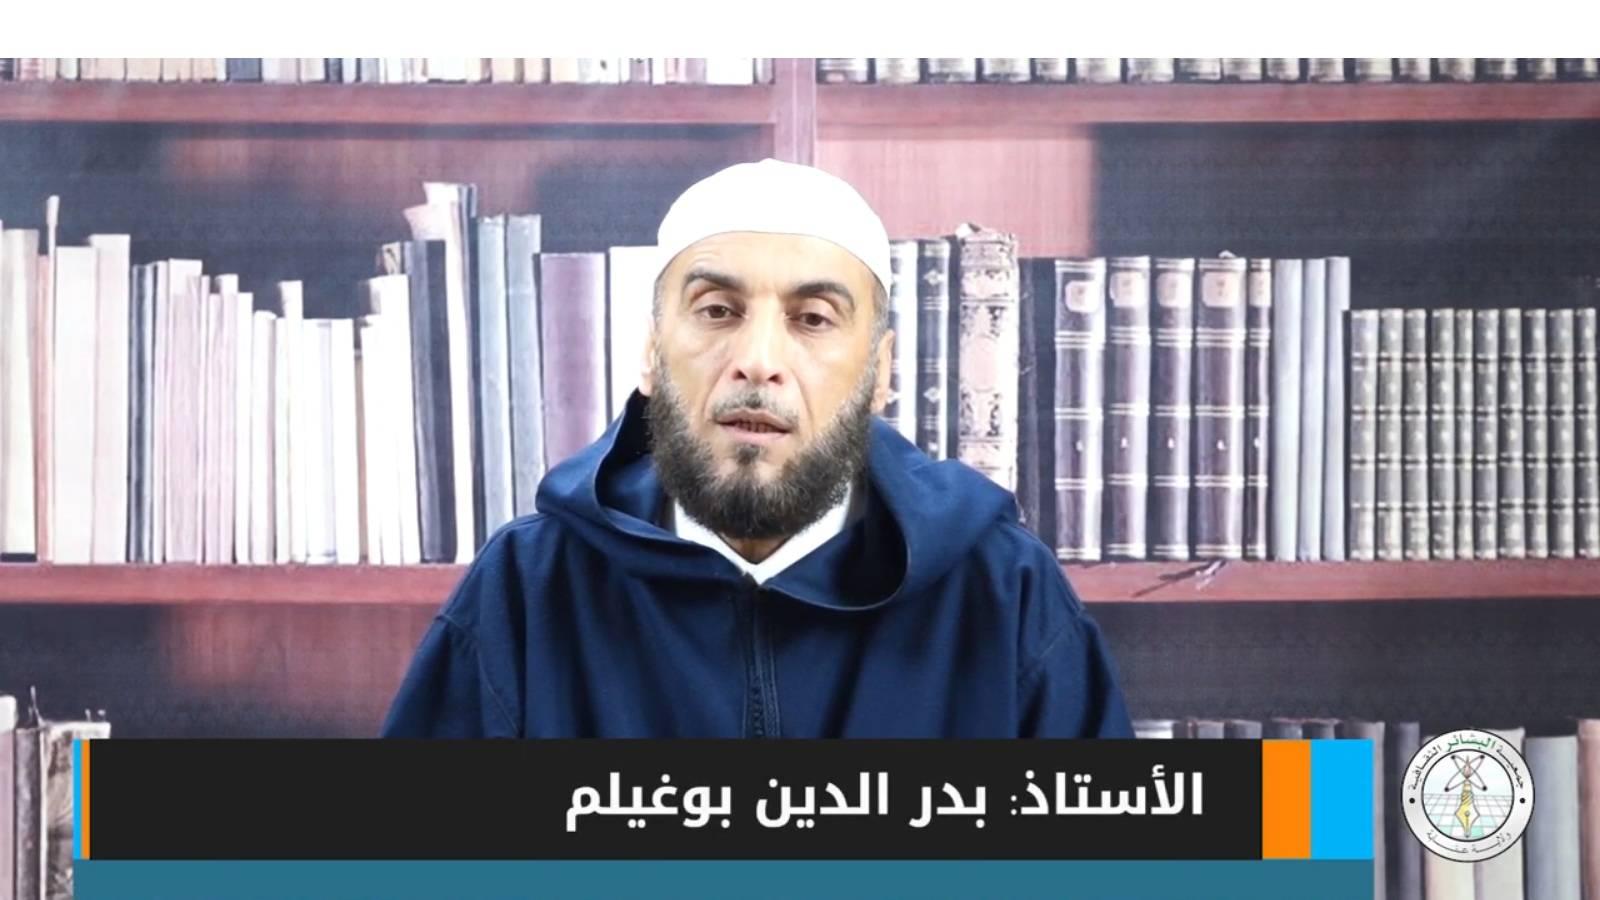 همسات رمضانية: قصة الذي قتل 99 نفس - جمعية البشائر - عنابة